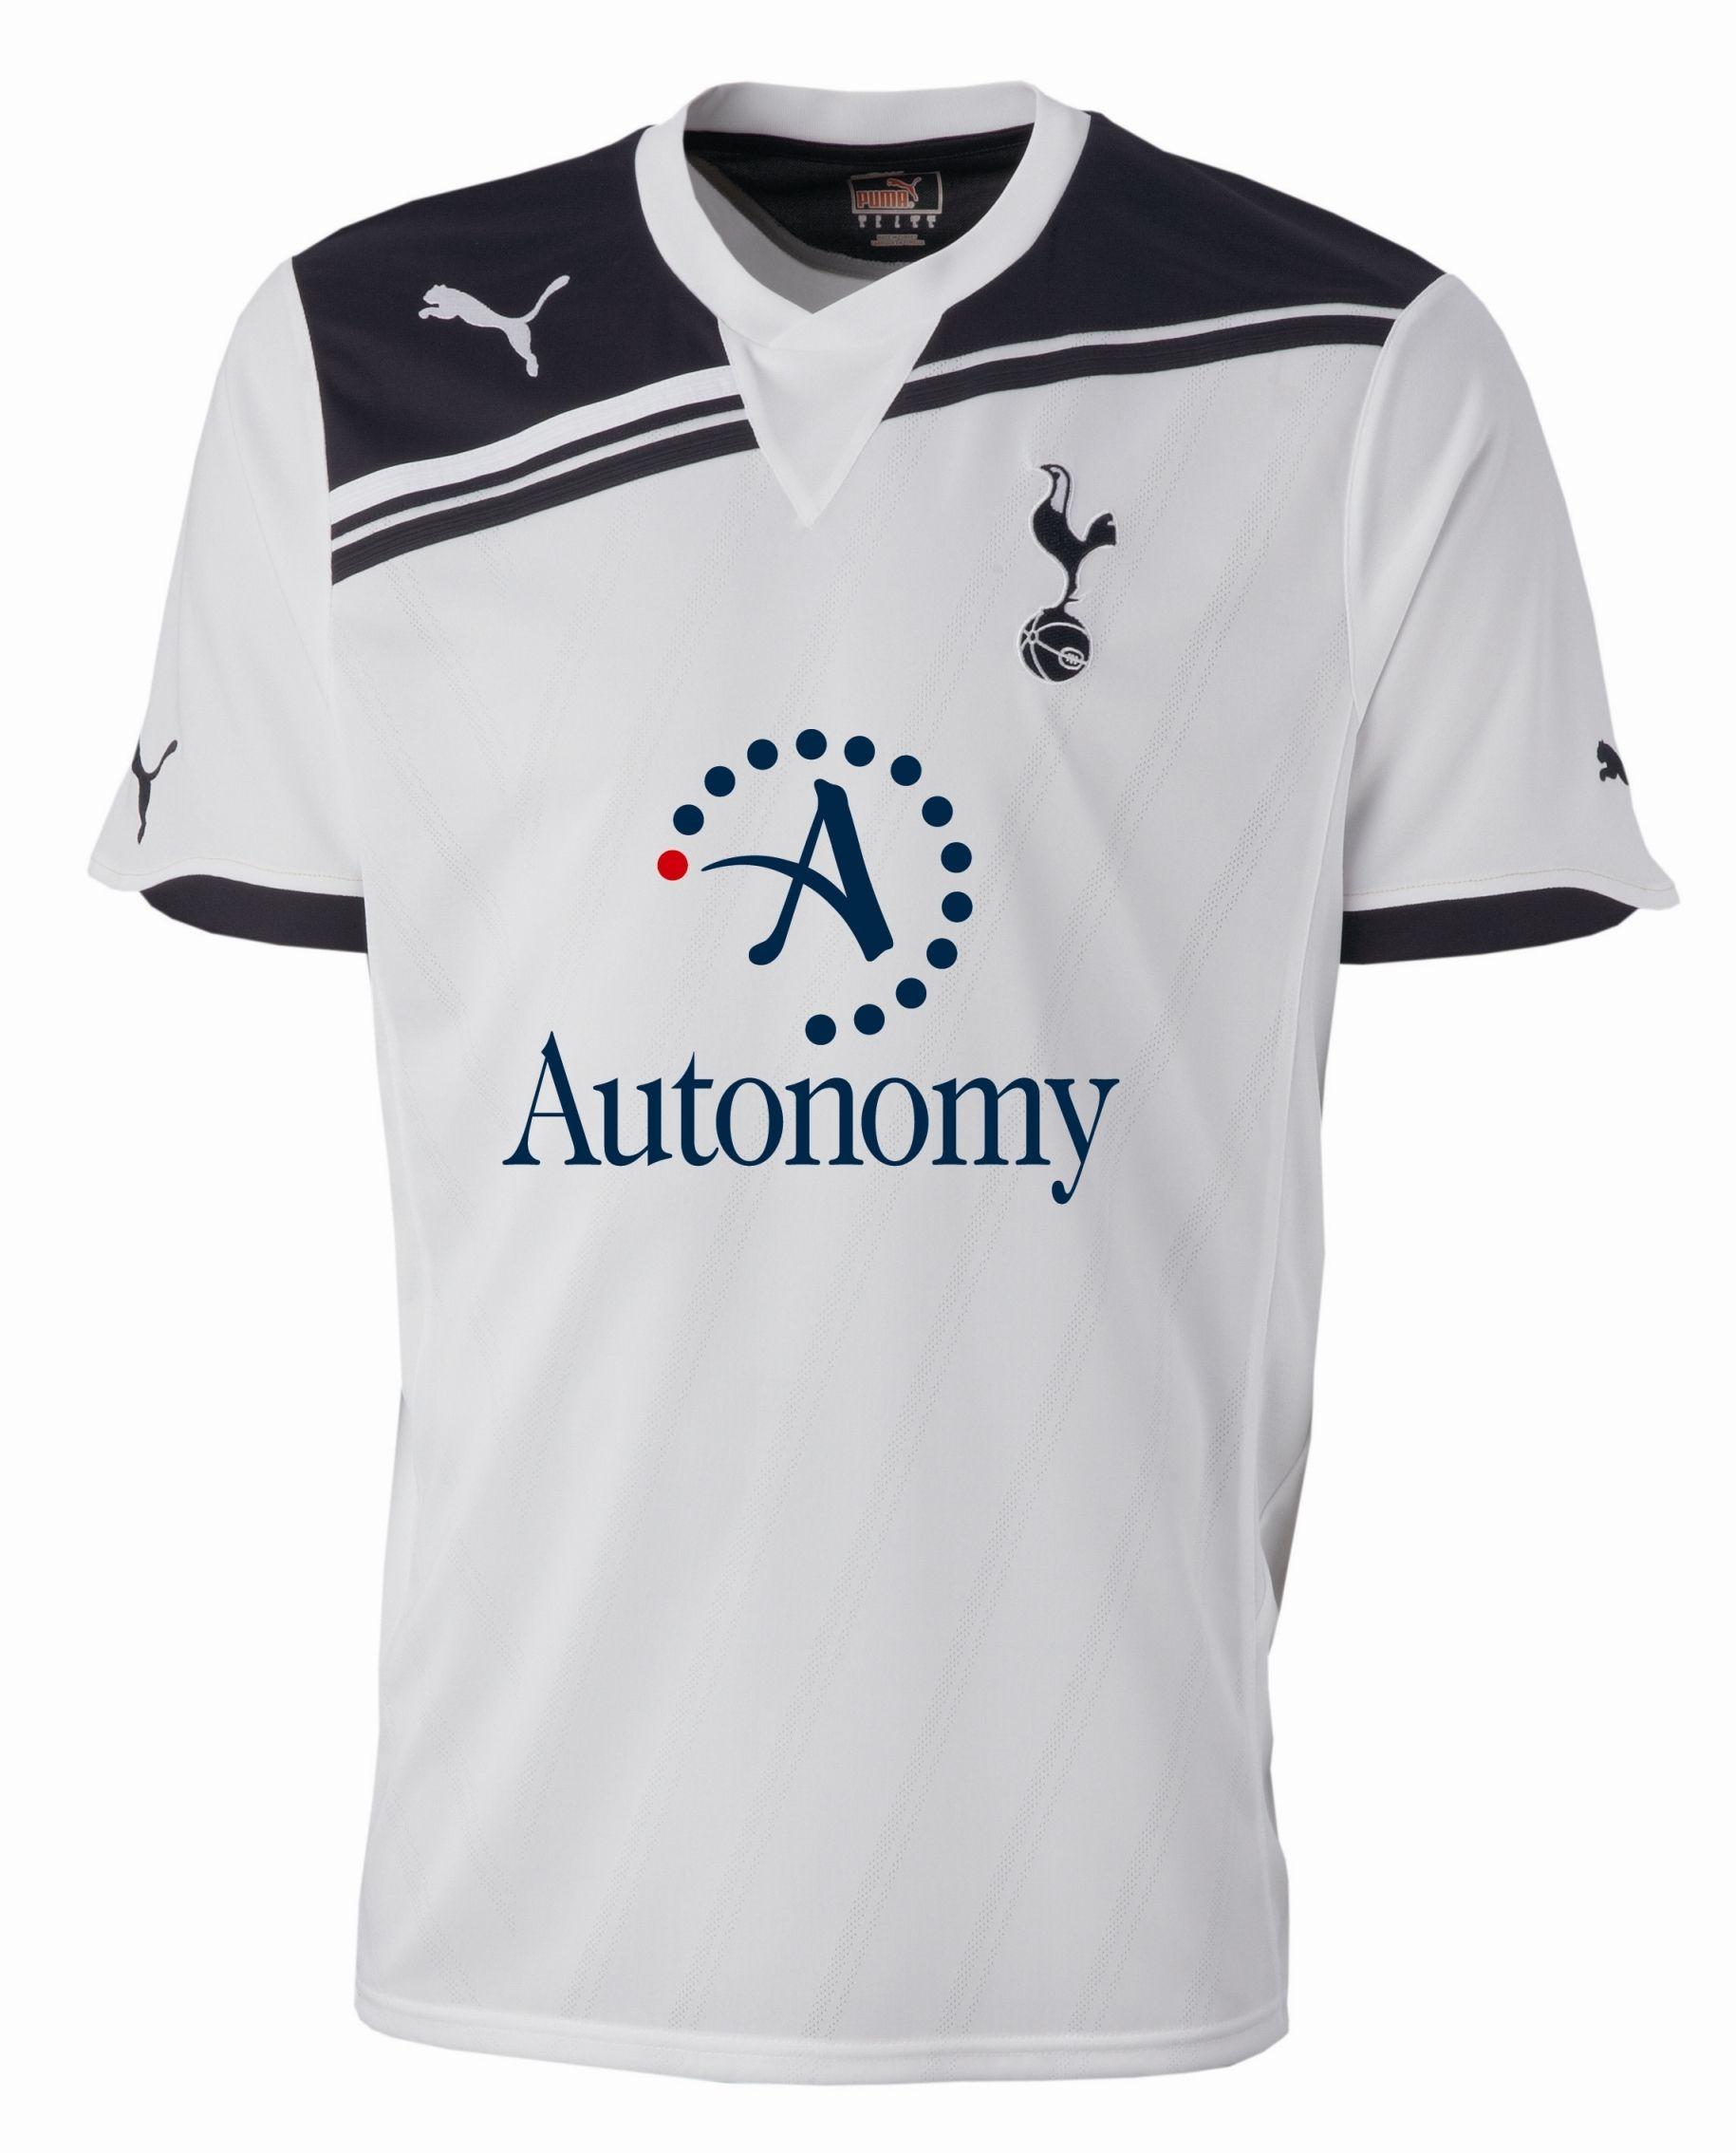 eaf364bca65 Tottenham Hotspur FC (England) - 2010 2011 Puma Home Shirt